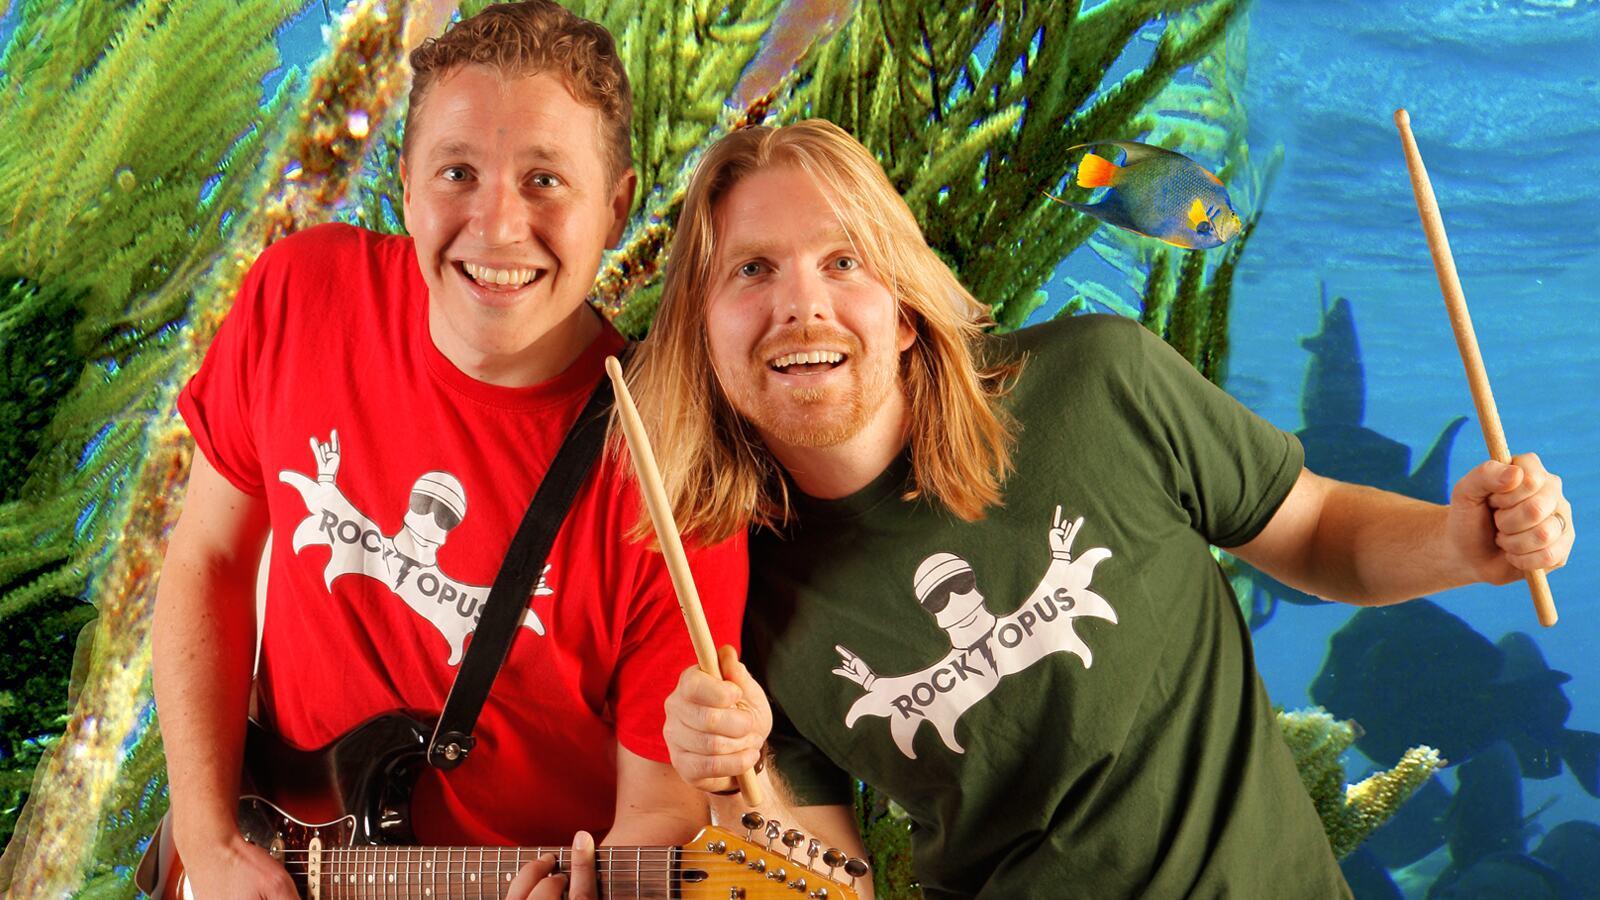 Rocktopus, kids' band